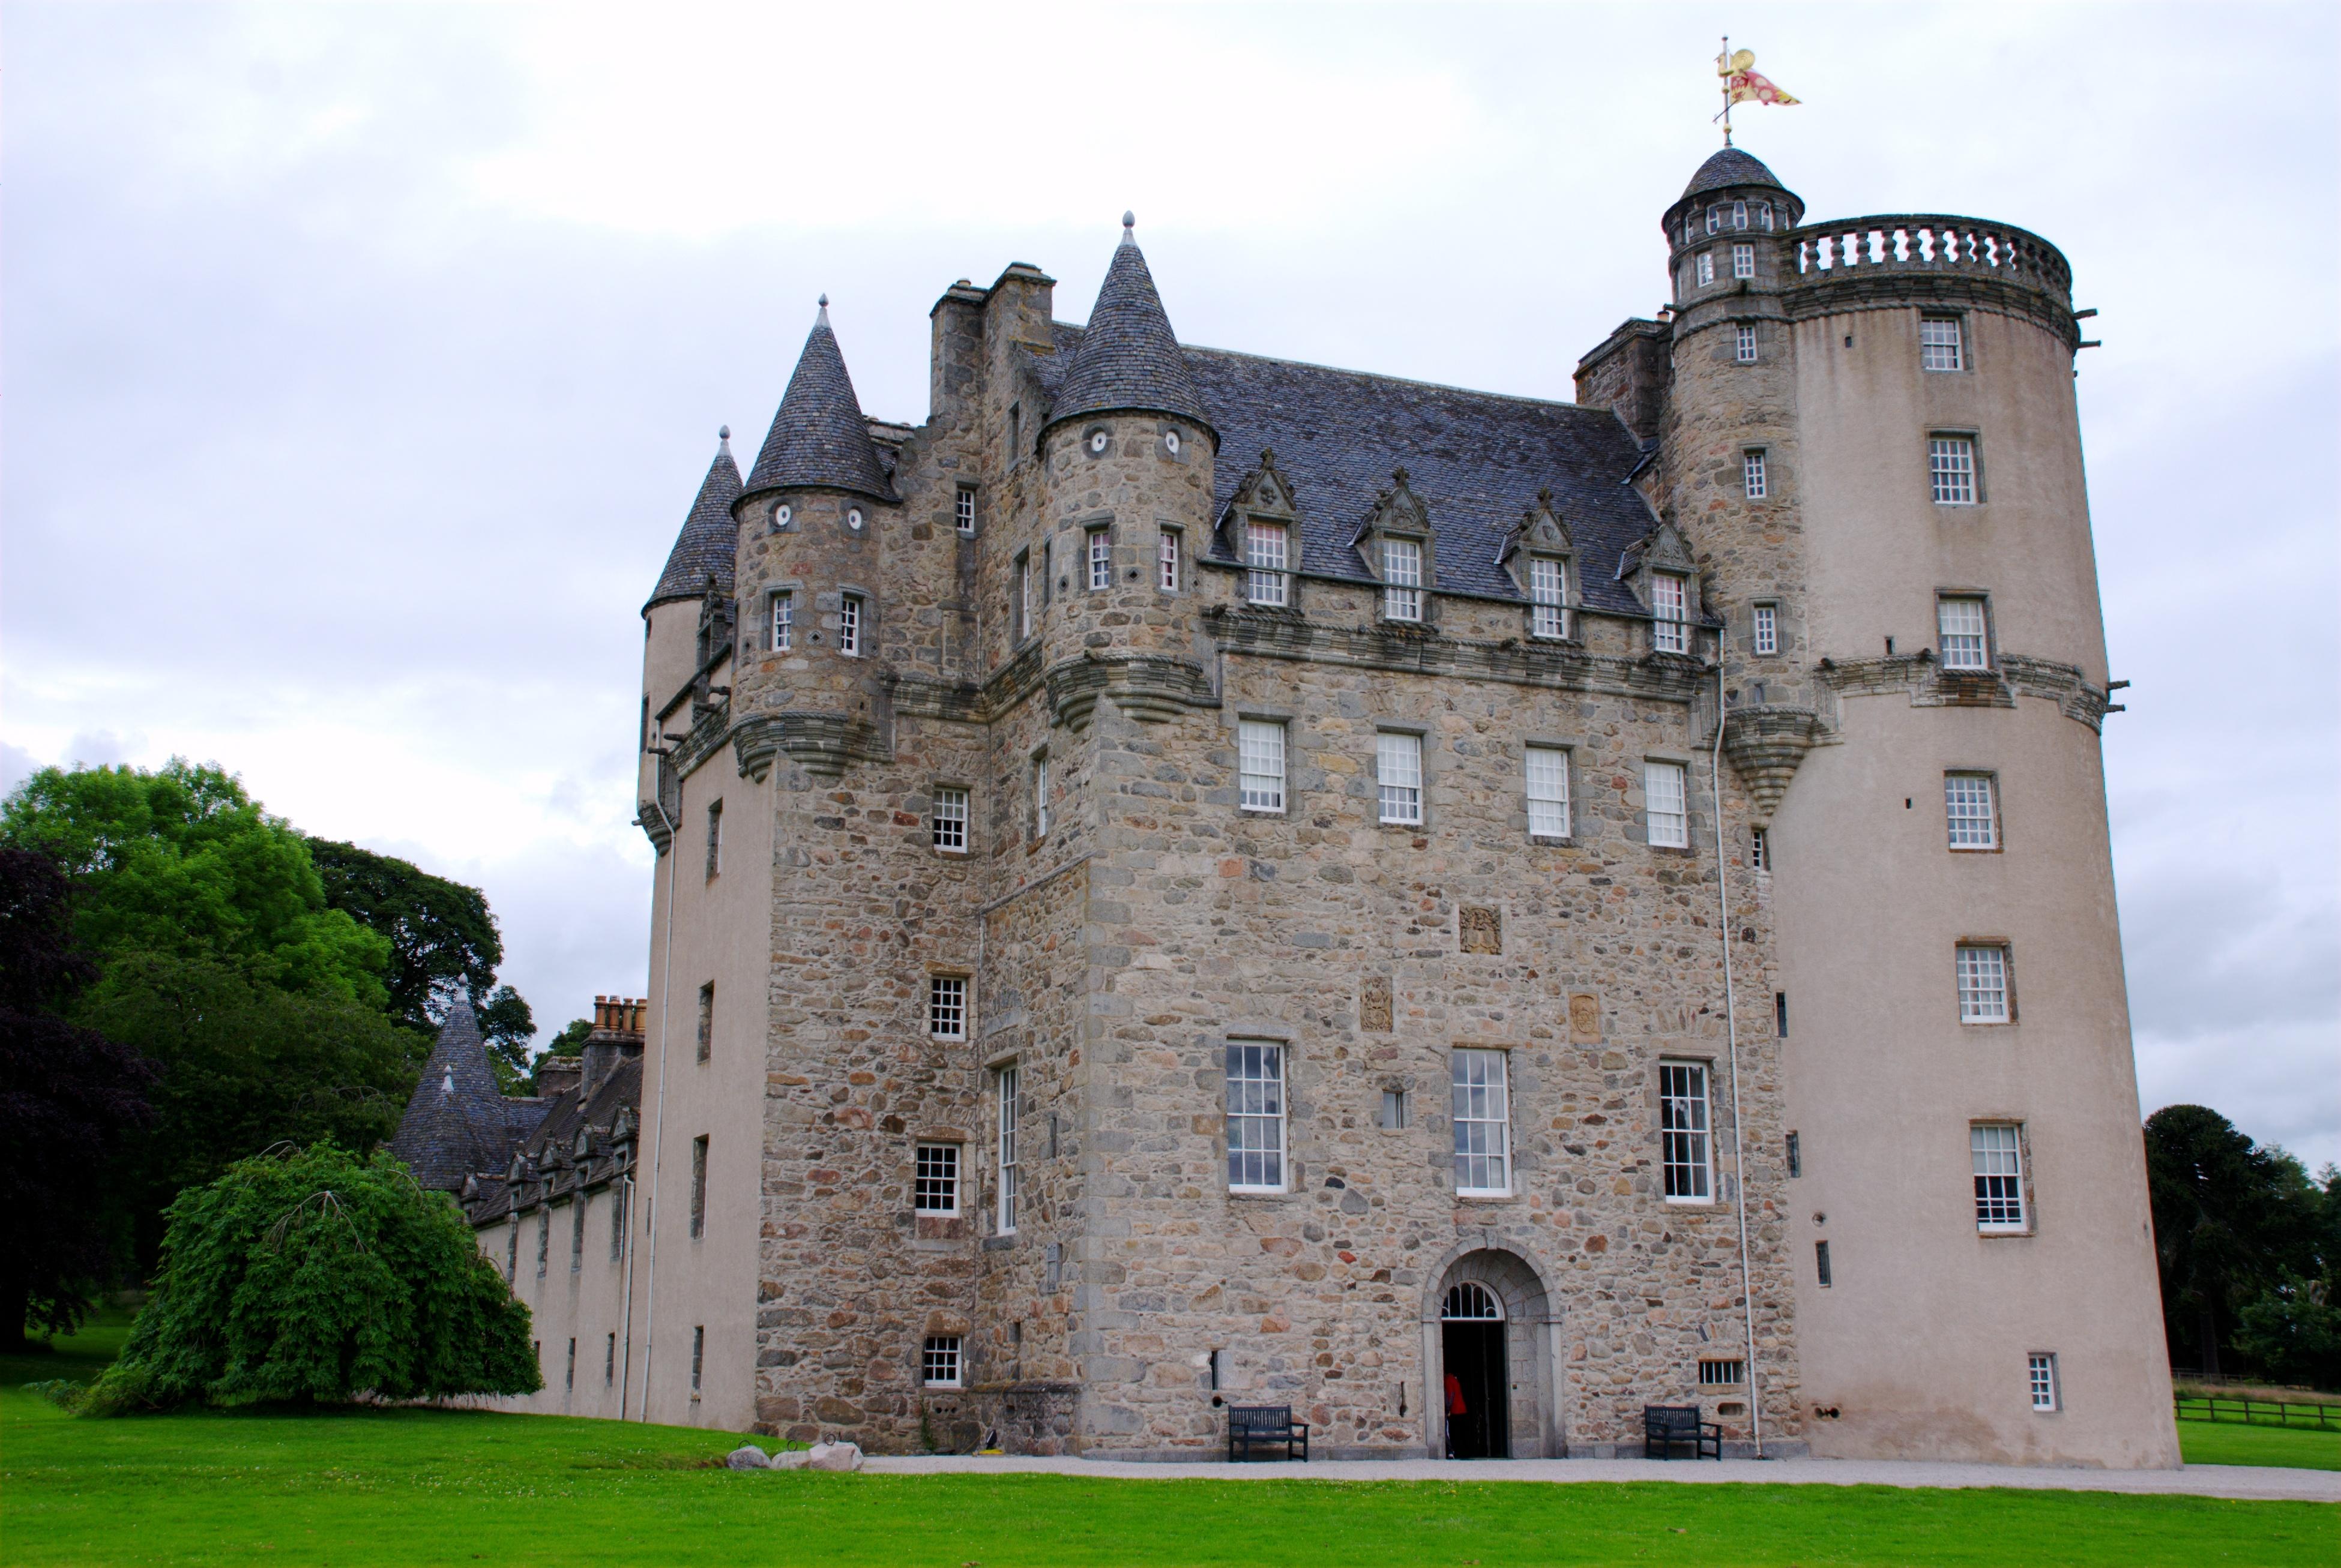 scottish castle floor plans ideasidea medieval house floor plans l wiki file castle fraser full view